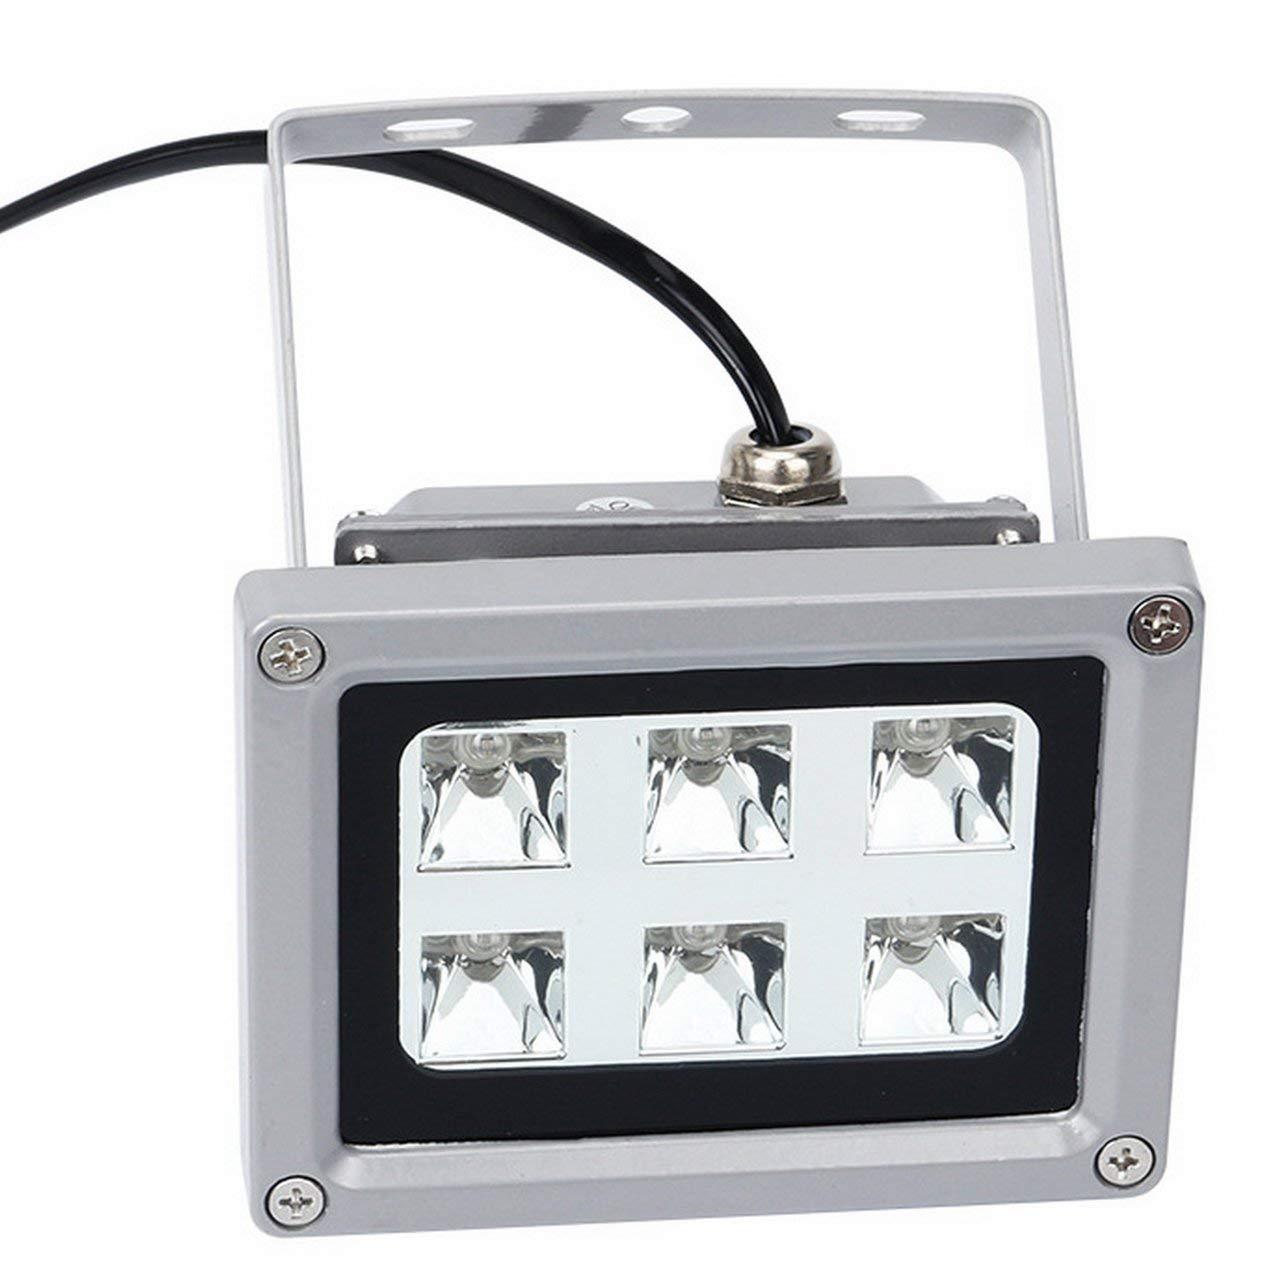 WOSOSYEYO Luz de curado de Resina UV para Accesorios de Impresora ...